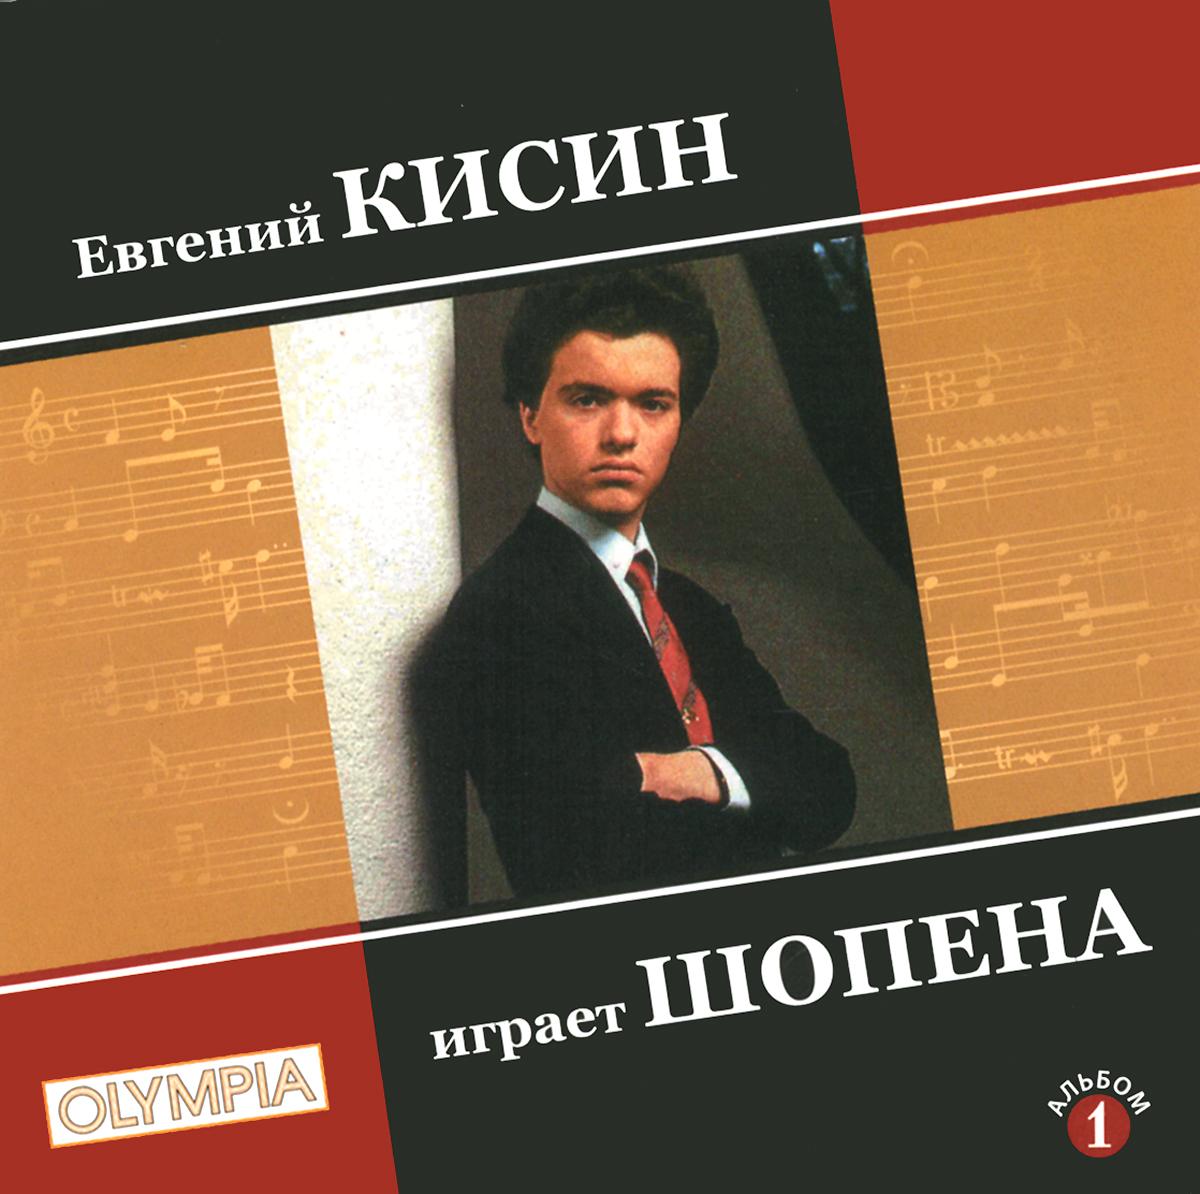 Евгений Кисин играет Шопена